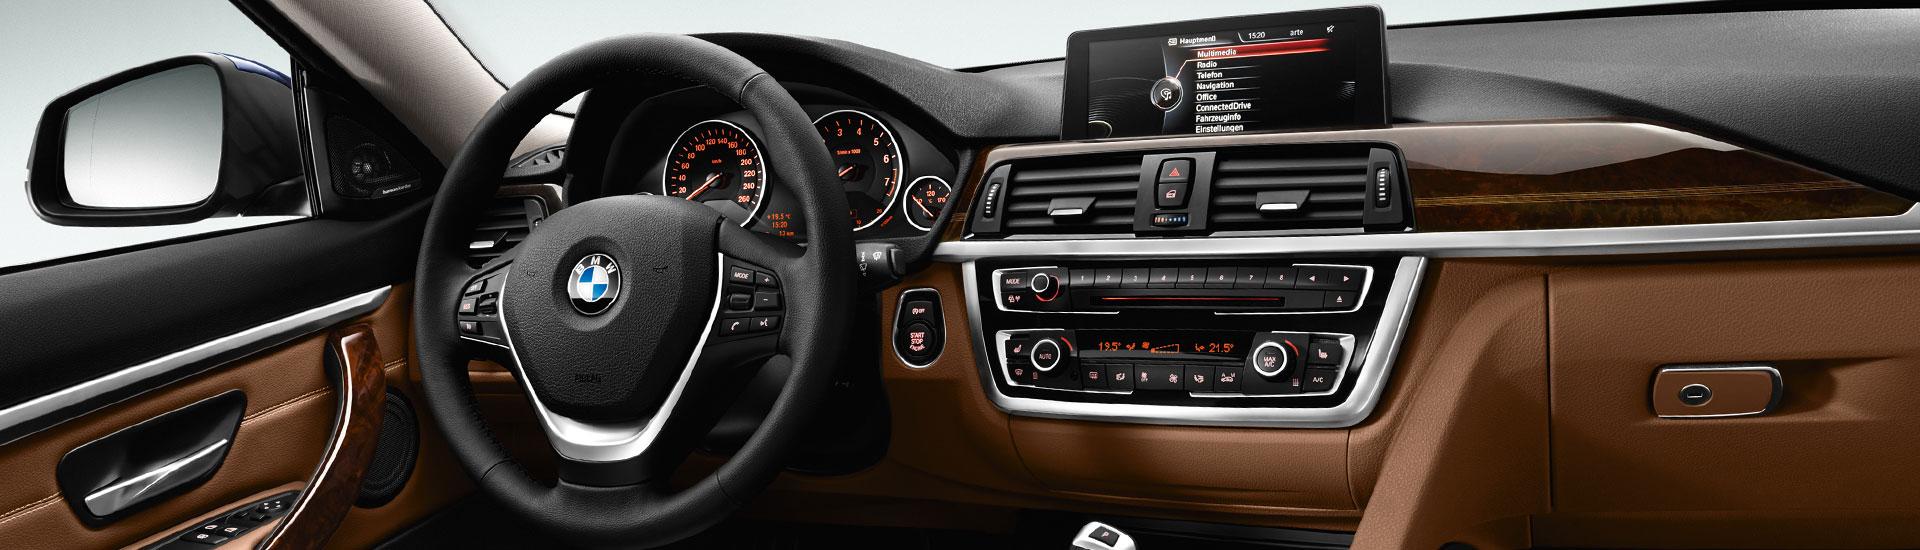 BMW Dash Kits | Custom BMW Dash Kit